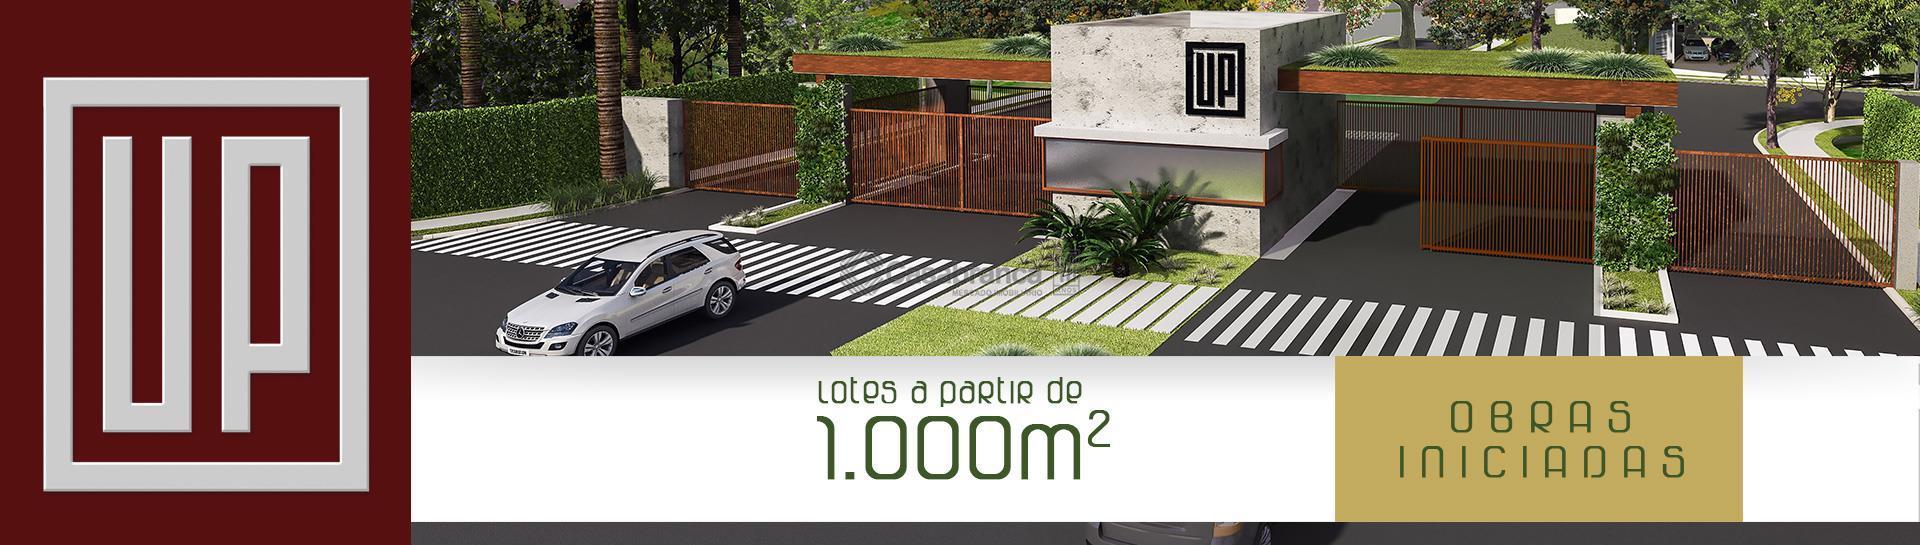 Terreno,Condomínio up residencial, Sorocaba , 1000 m²